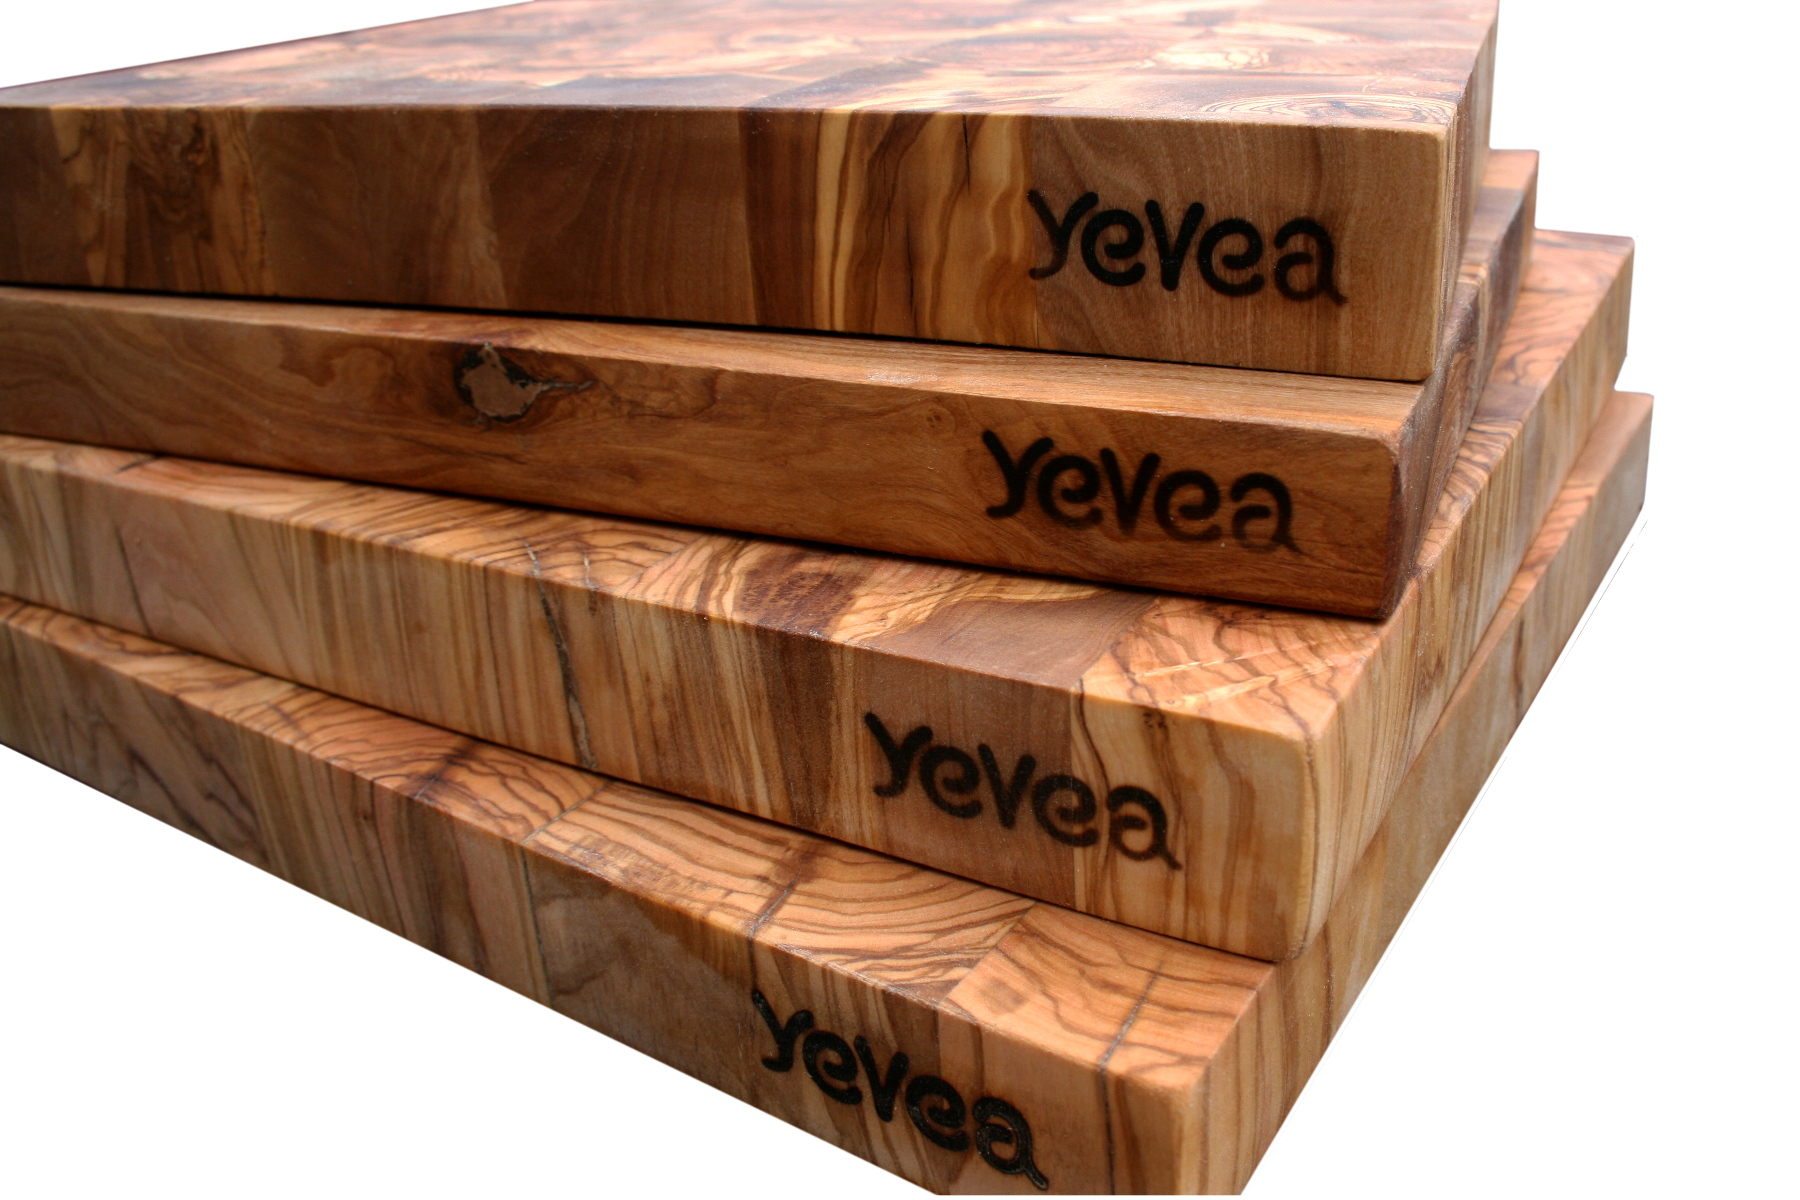 Tablas de cocina de madera de olivo for Cortar madera con radial